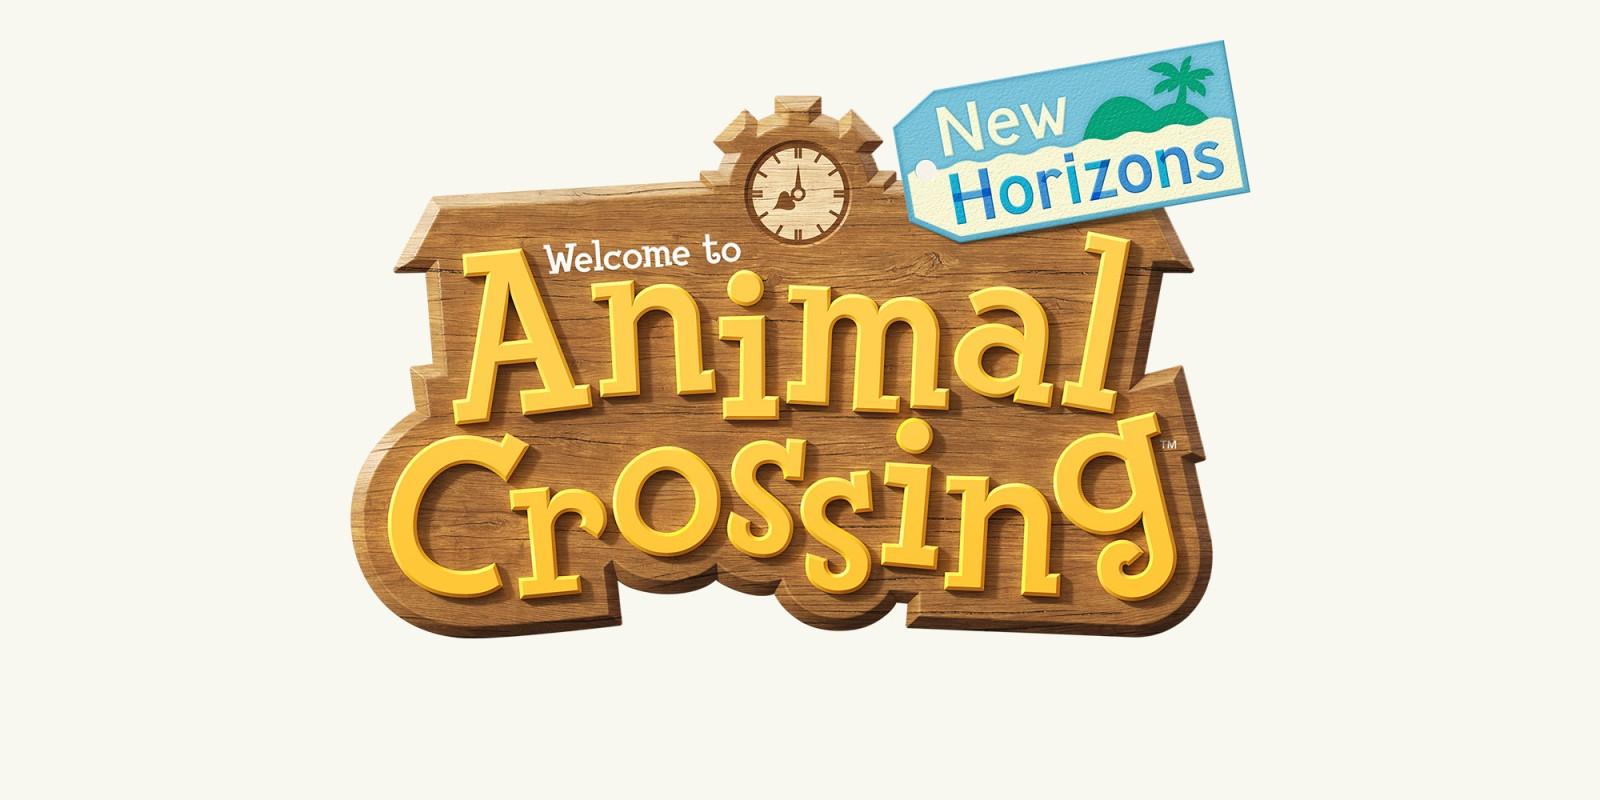 Salvataggi cloud di Animal Crossing New Horizons disabilitati per evitare la manipolazione del tempo